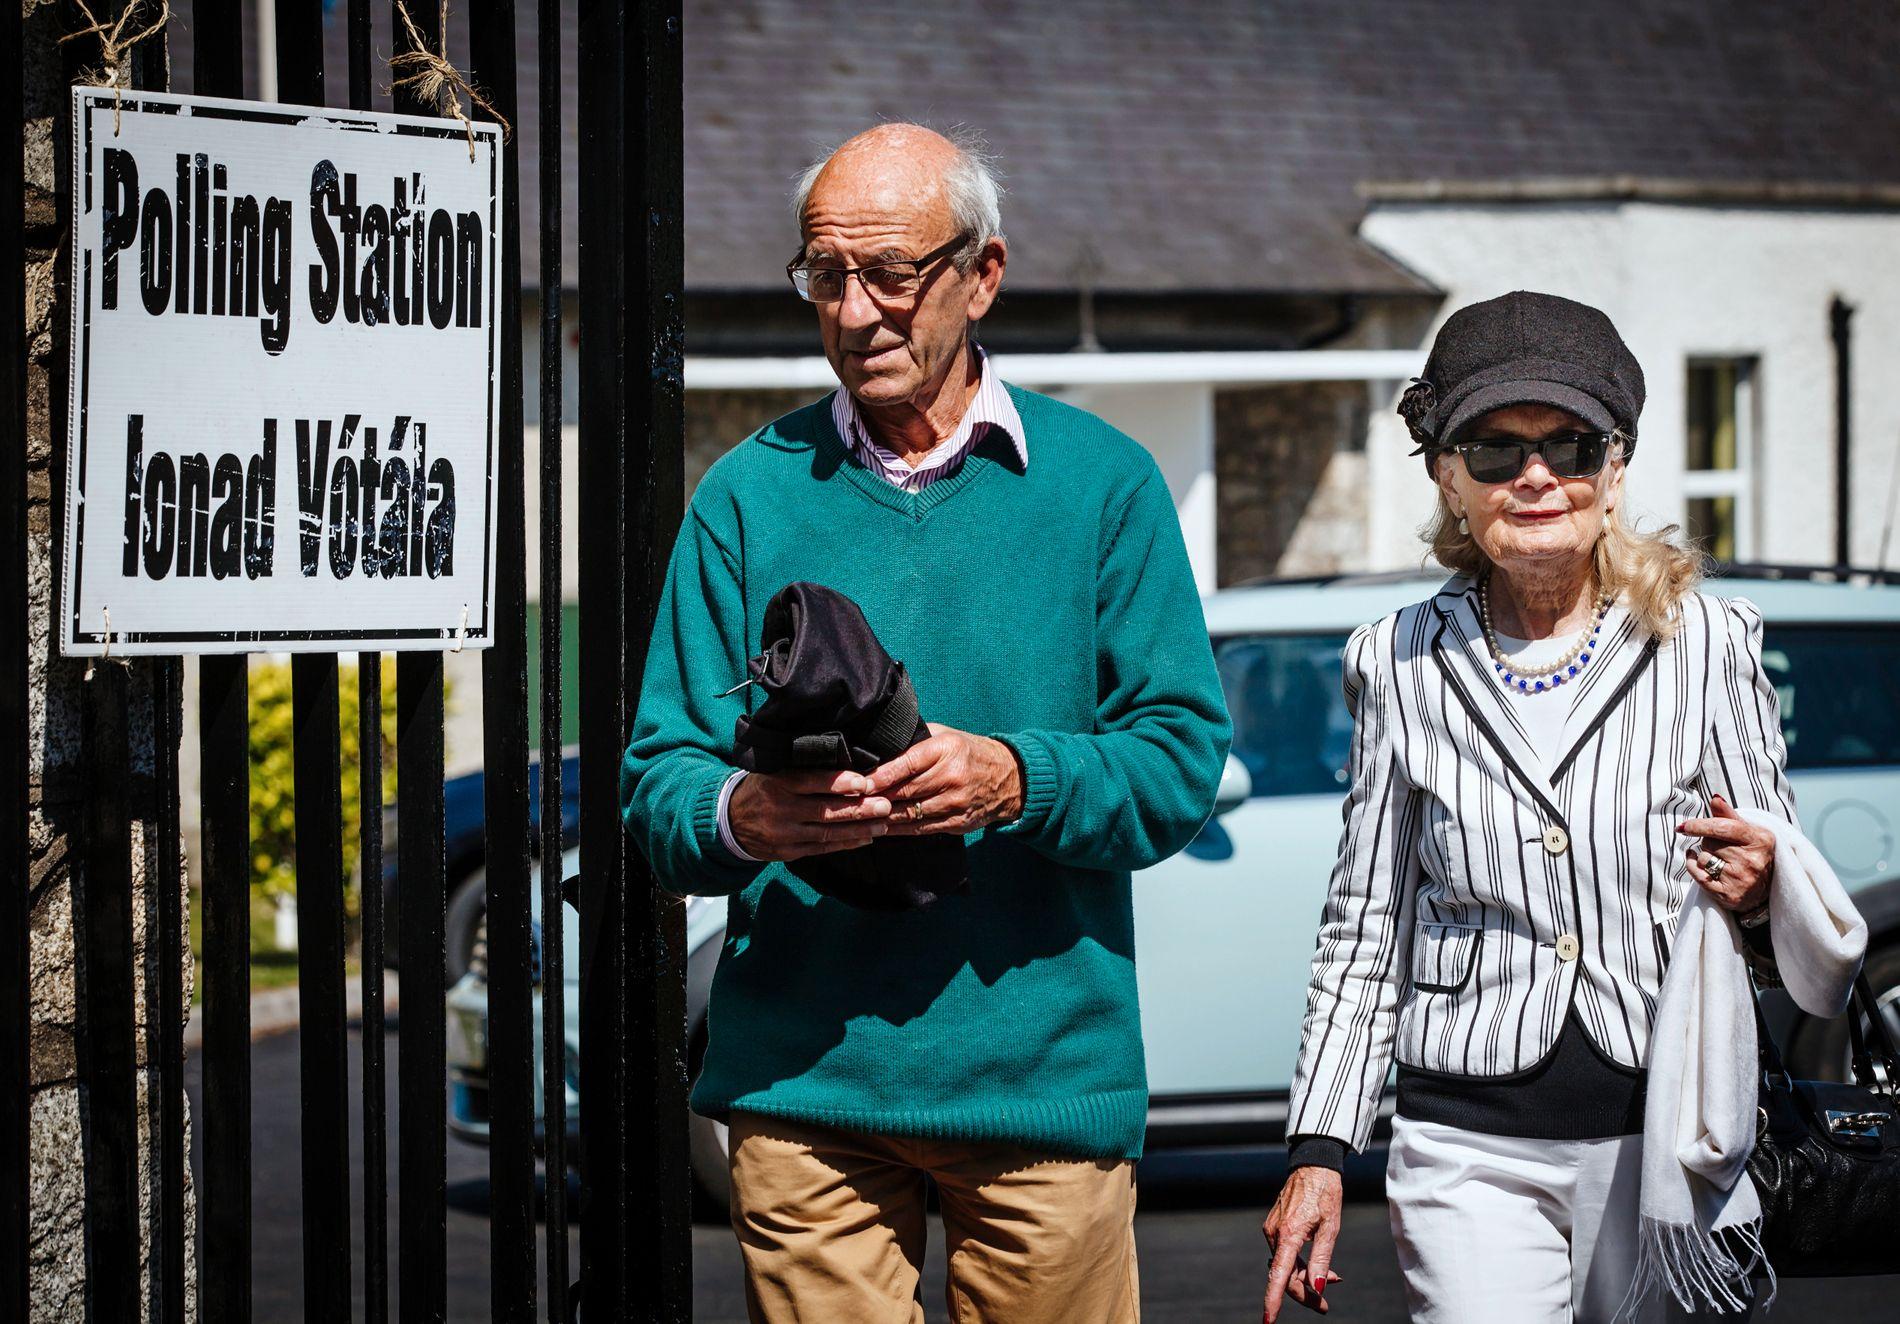 – PÅ TIDE: Anne Ruttor (76) og ektemannen John har stemt «ja» til å oppheve den strenge abortloven i Irland. Anne mener det er på høy tid med en endring.